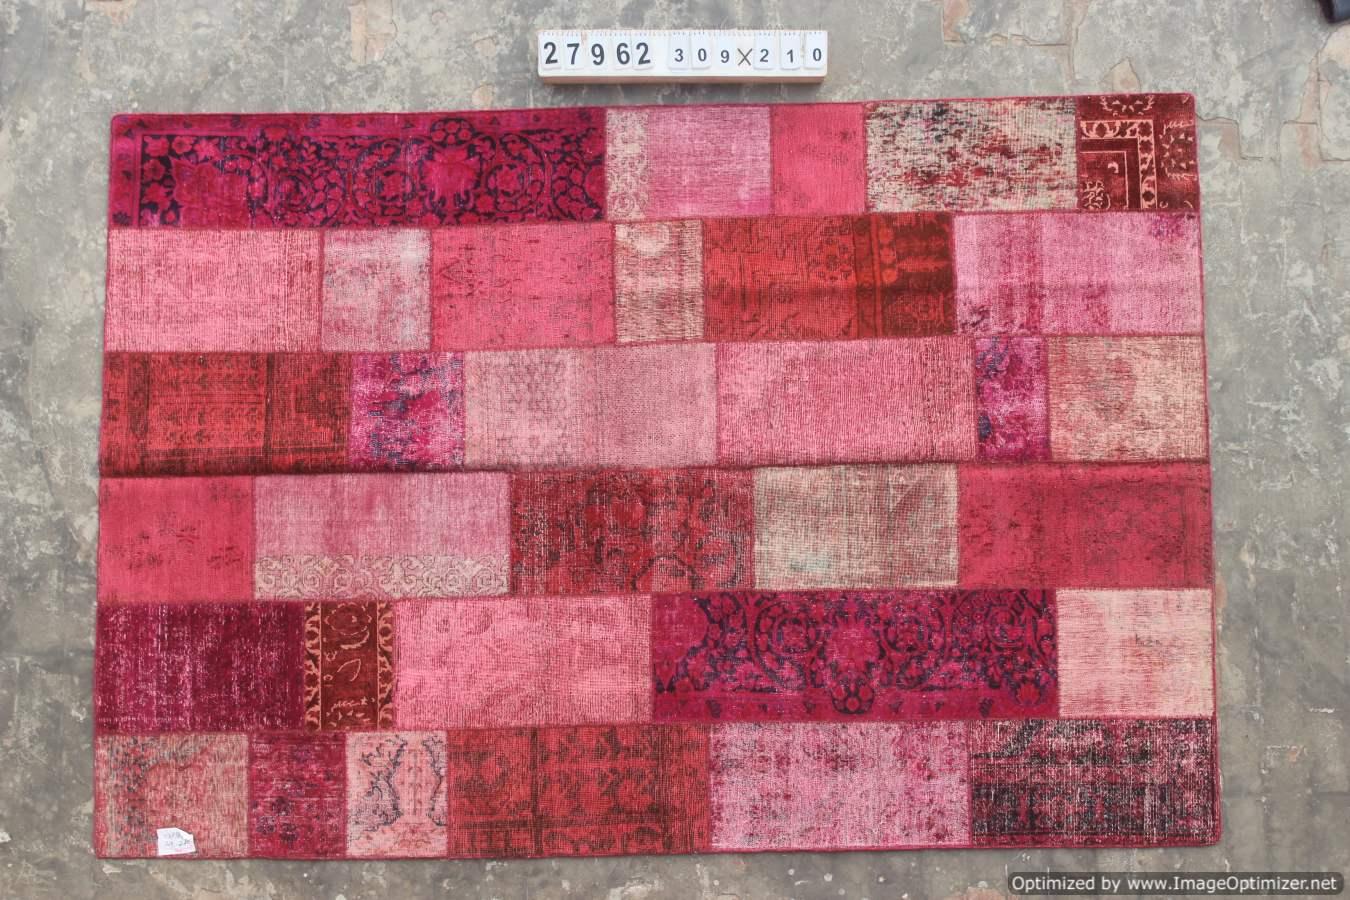 Rood patchwork vloerkleed uit Iran 309cm x 210cm, no 27962 gemaakt uit oude perzen. nu bestelbaar.